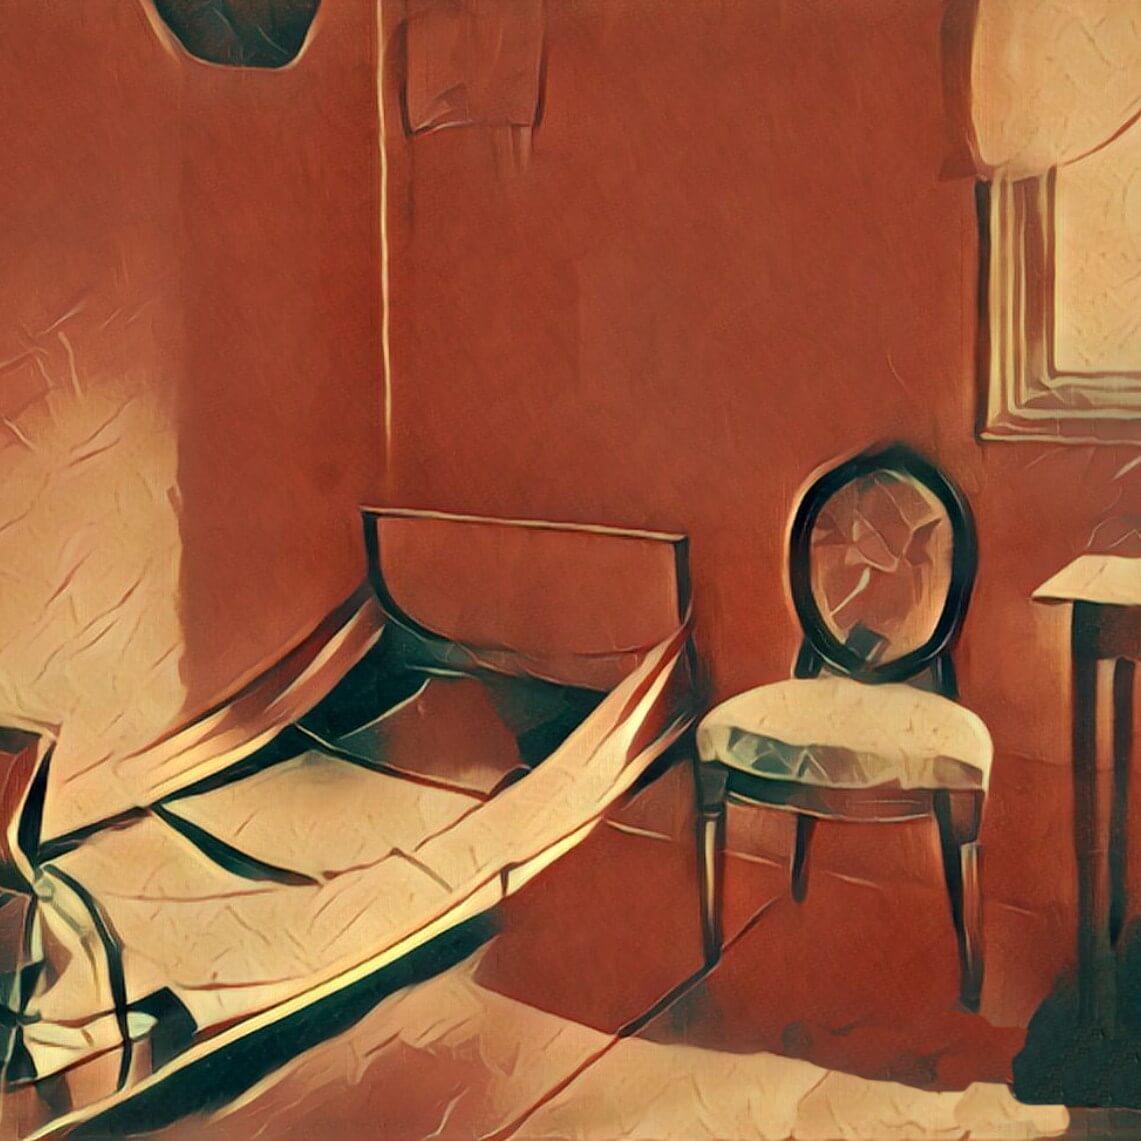 schlafzimmer traum deutung. Black Bedroom Furniture Sets. Home Design Ideas